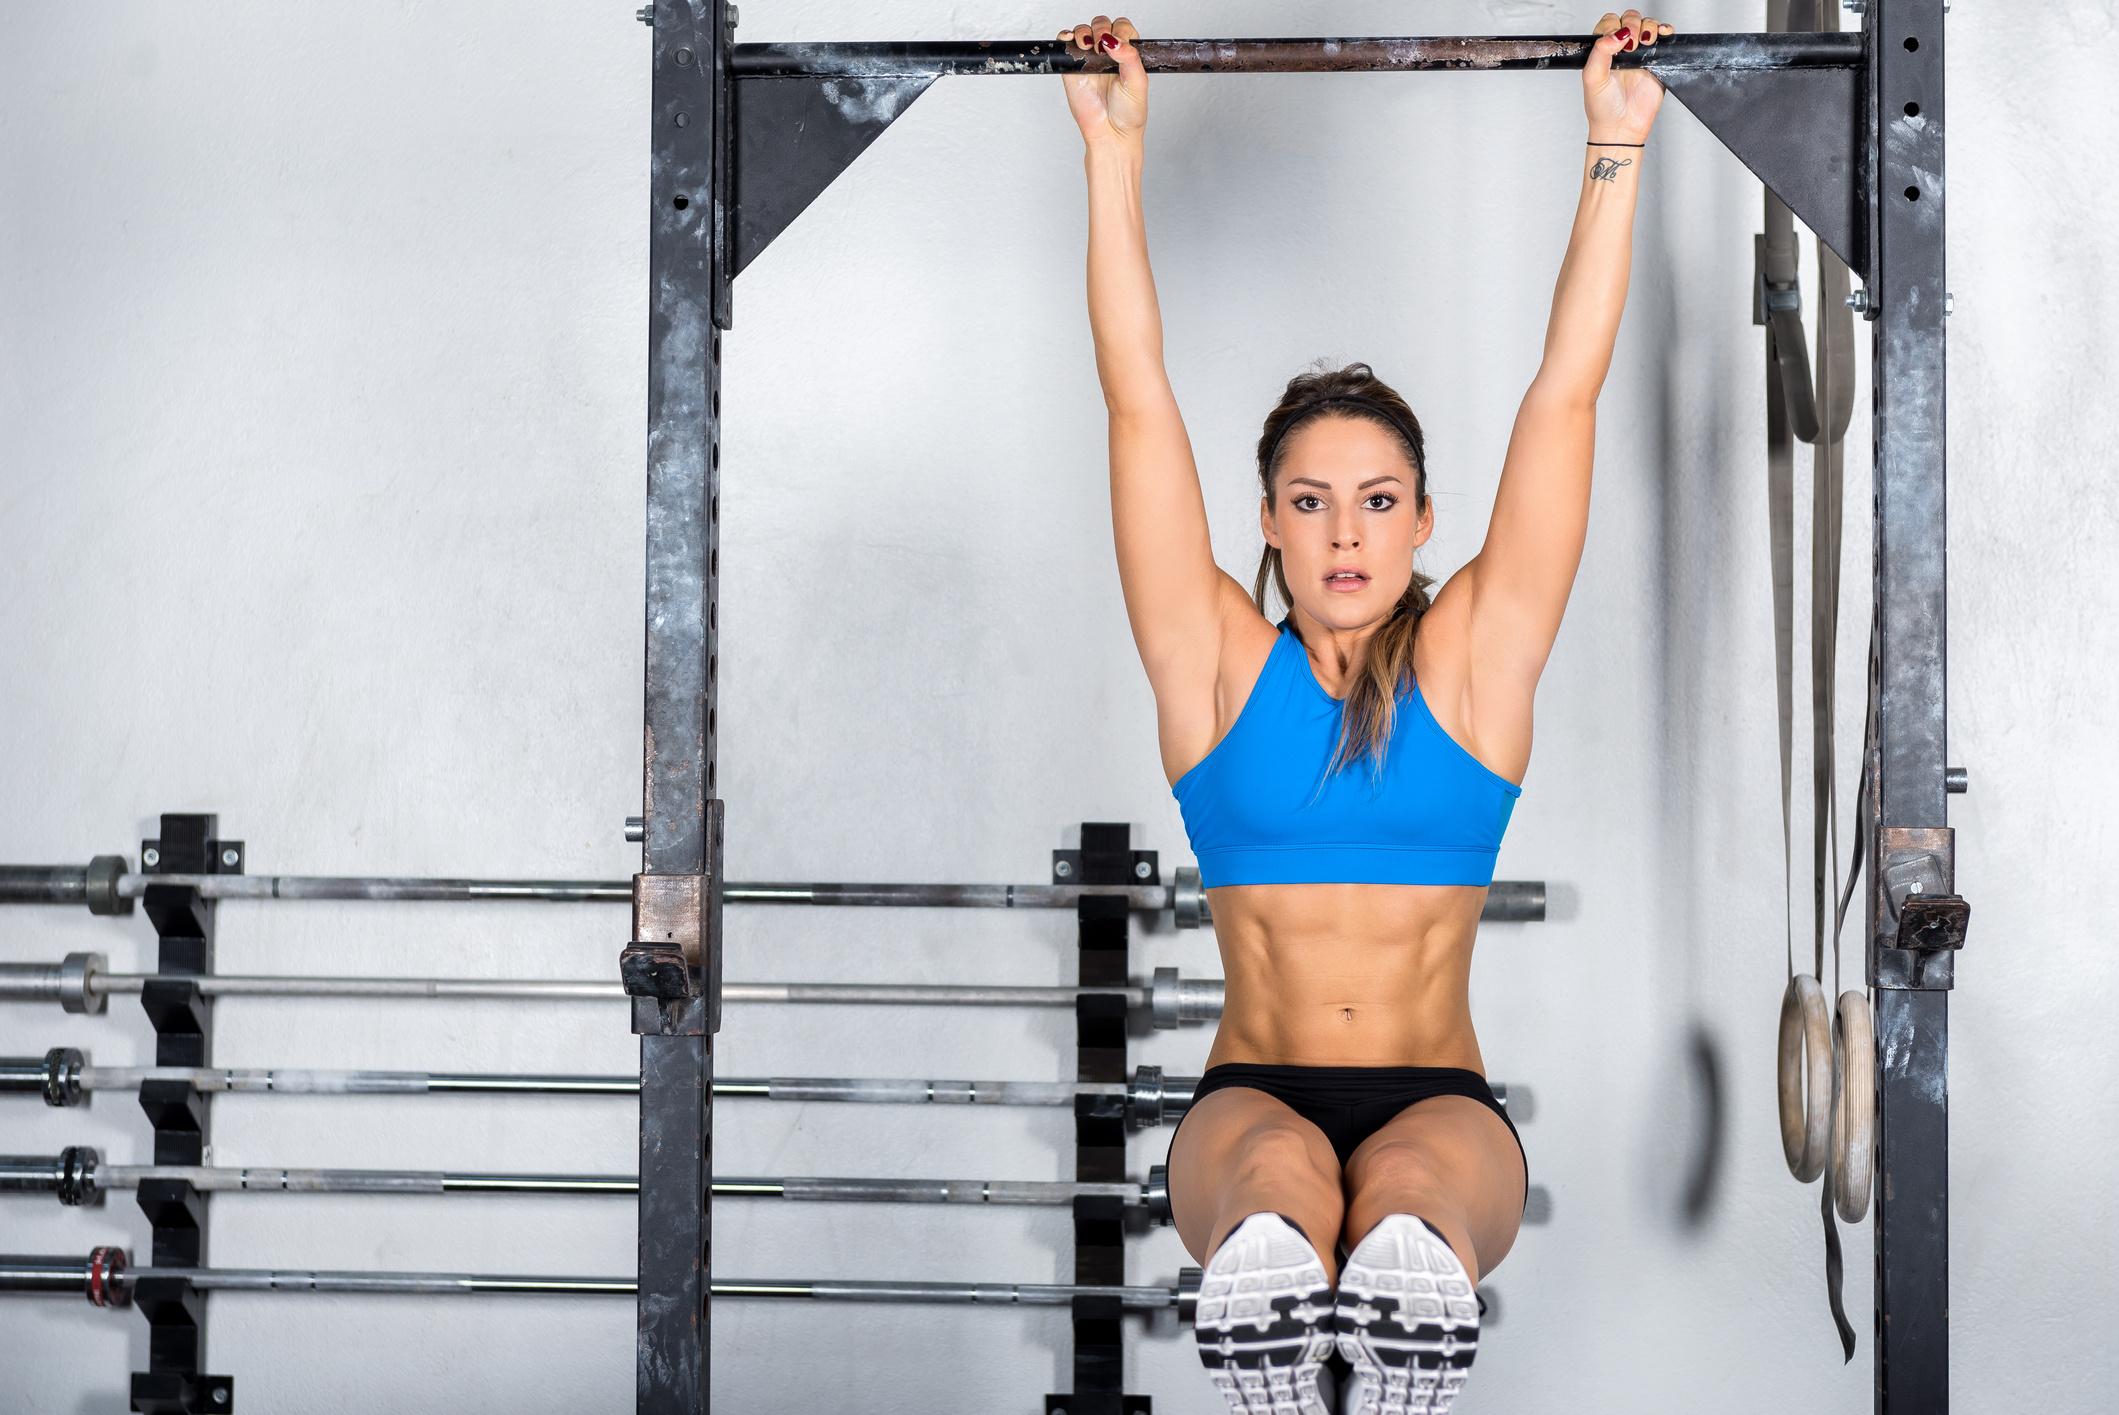 hatékony rutinok az edzőteremben a fogyáshoz